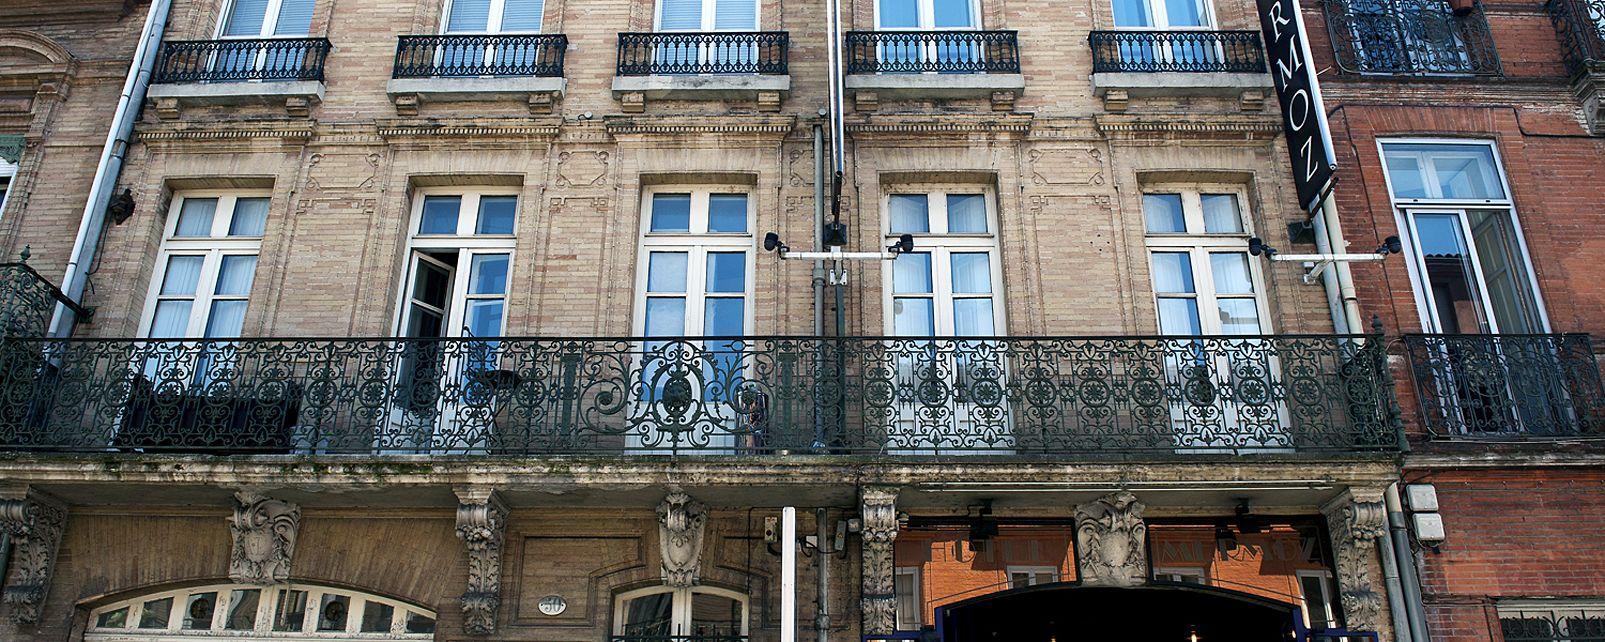 Hôtel Mermoz